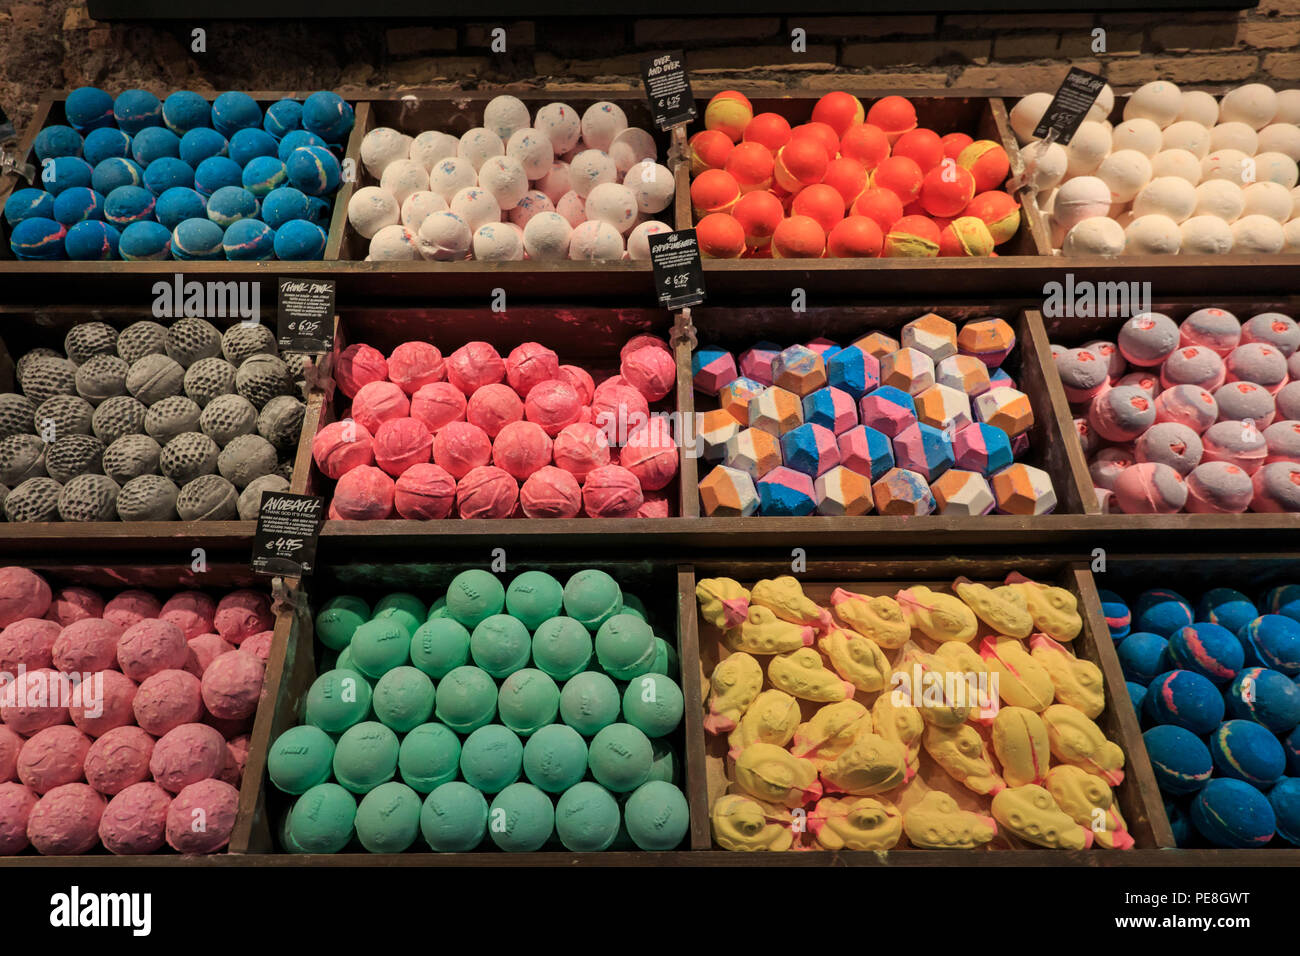 Bombe da bagno colorato in roome foto immagine stock